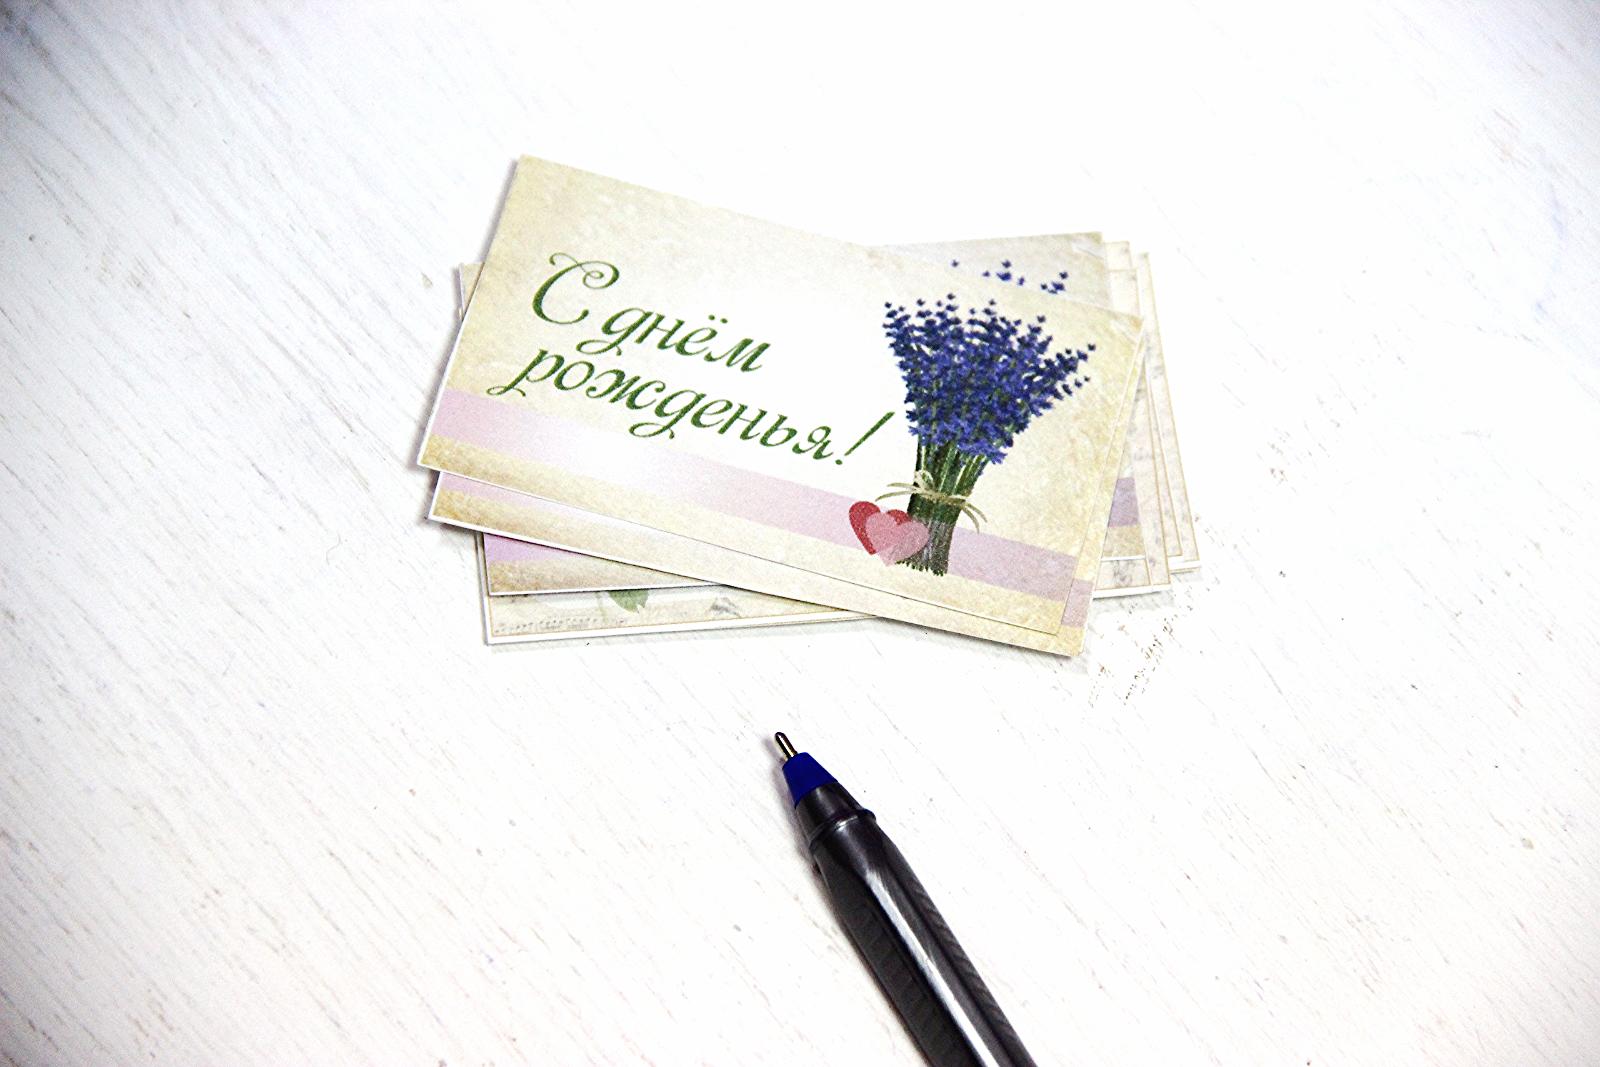 ОТКРЫТКА В ПОДАРОККрасивая карточка для подписи в подарок